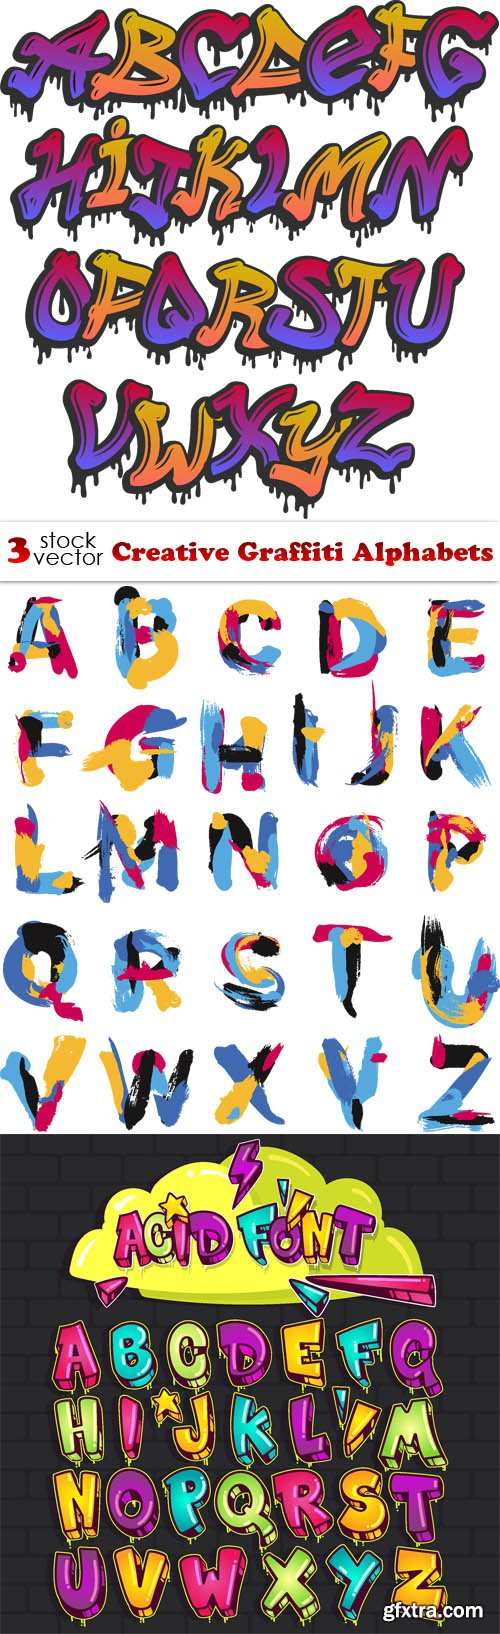 Vectors - Creative Graffiti Alphabets